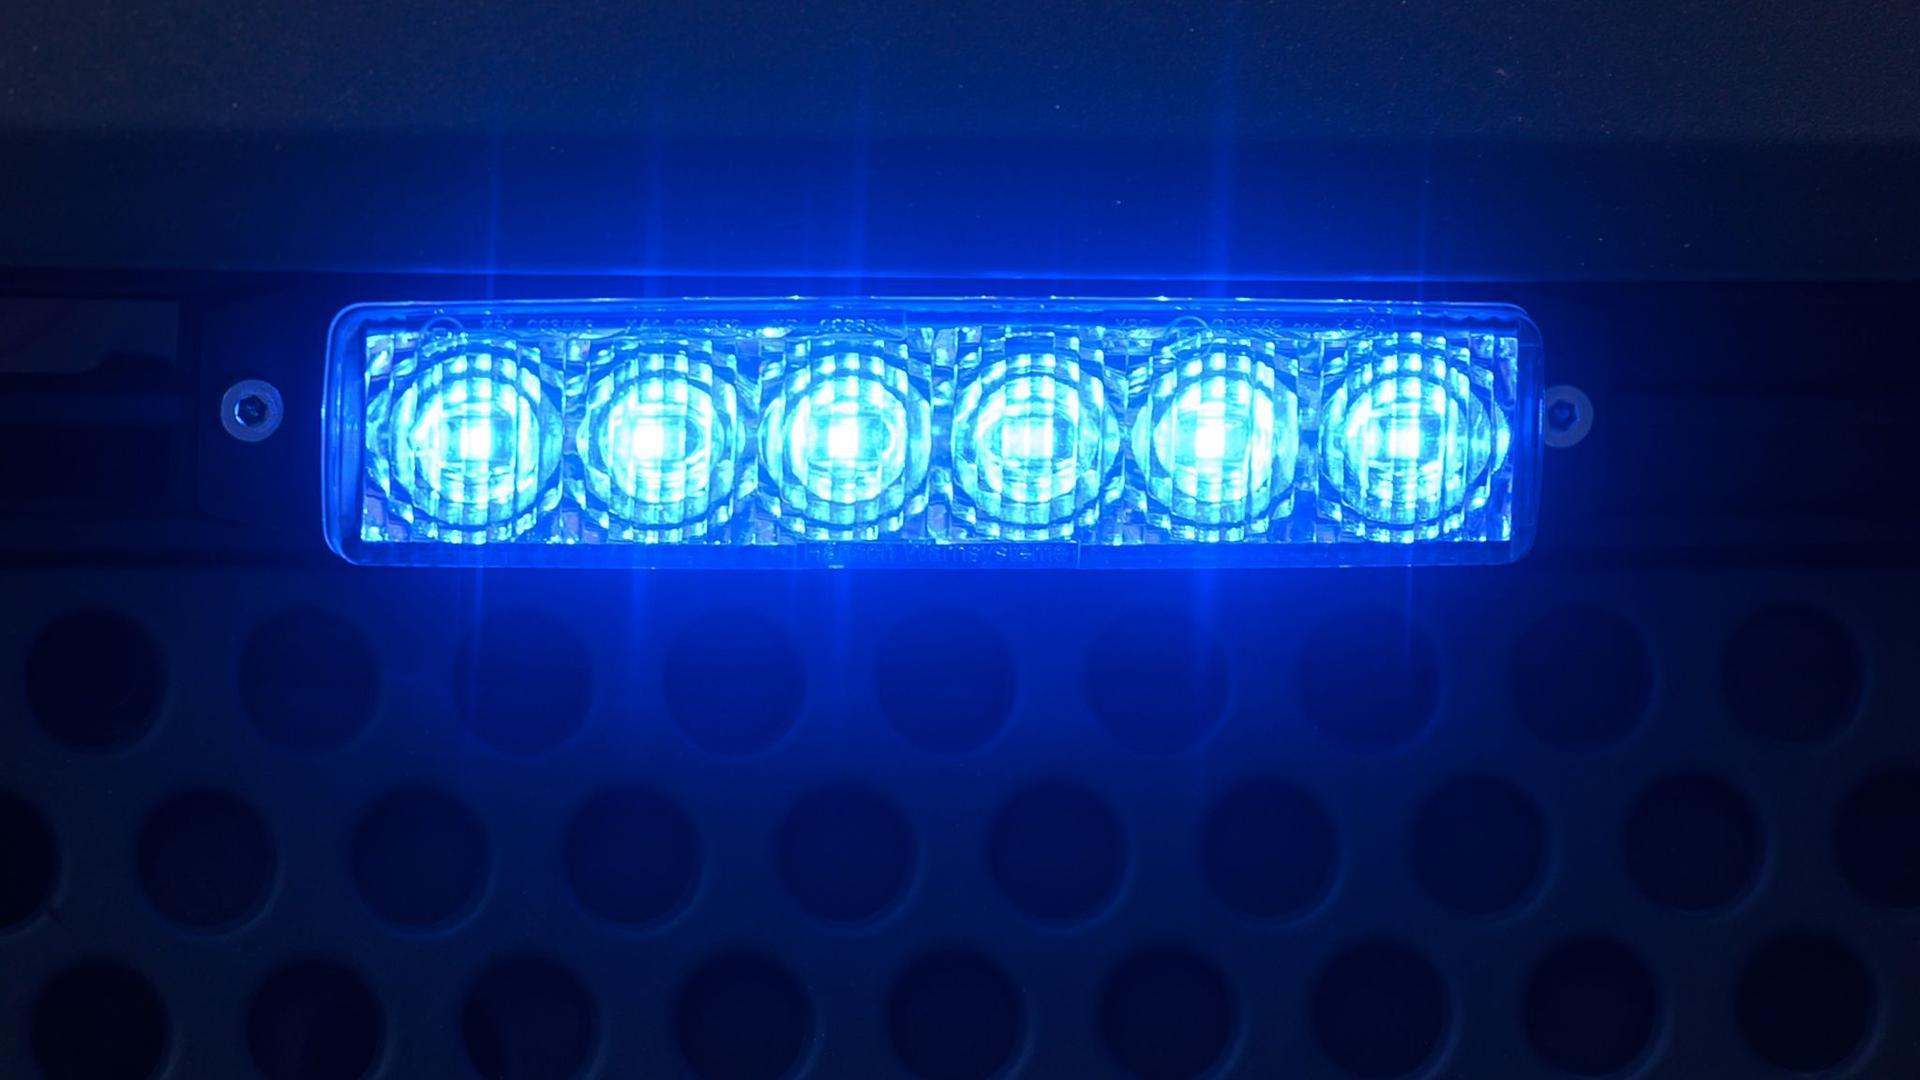 Blaulicht leuchtet auf einem Einsatzfahrzeug.